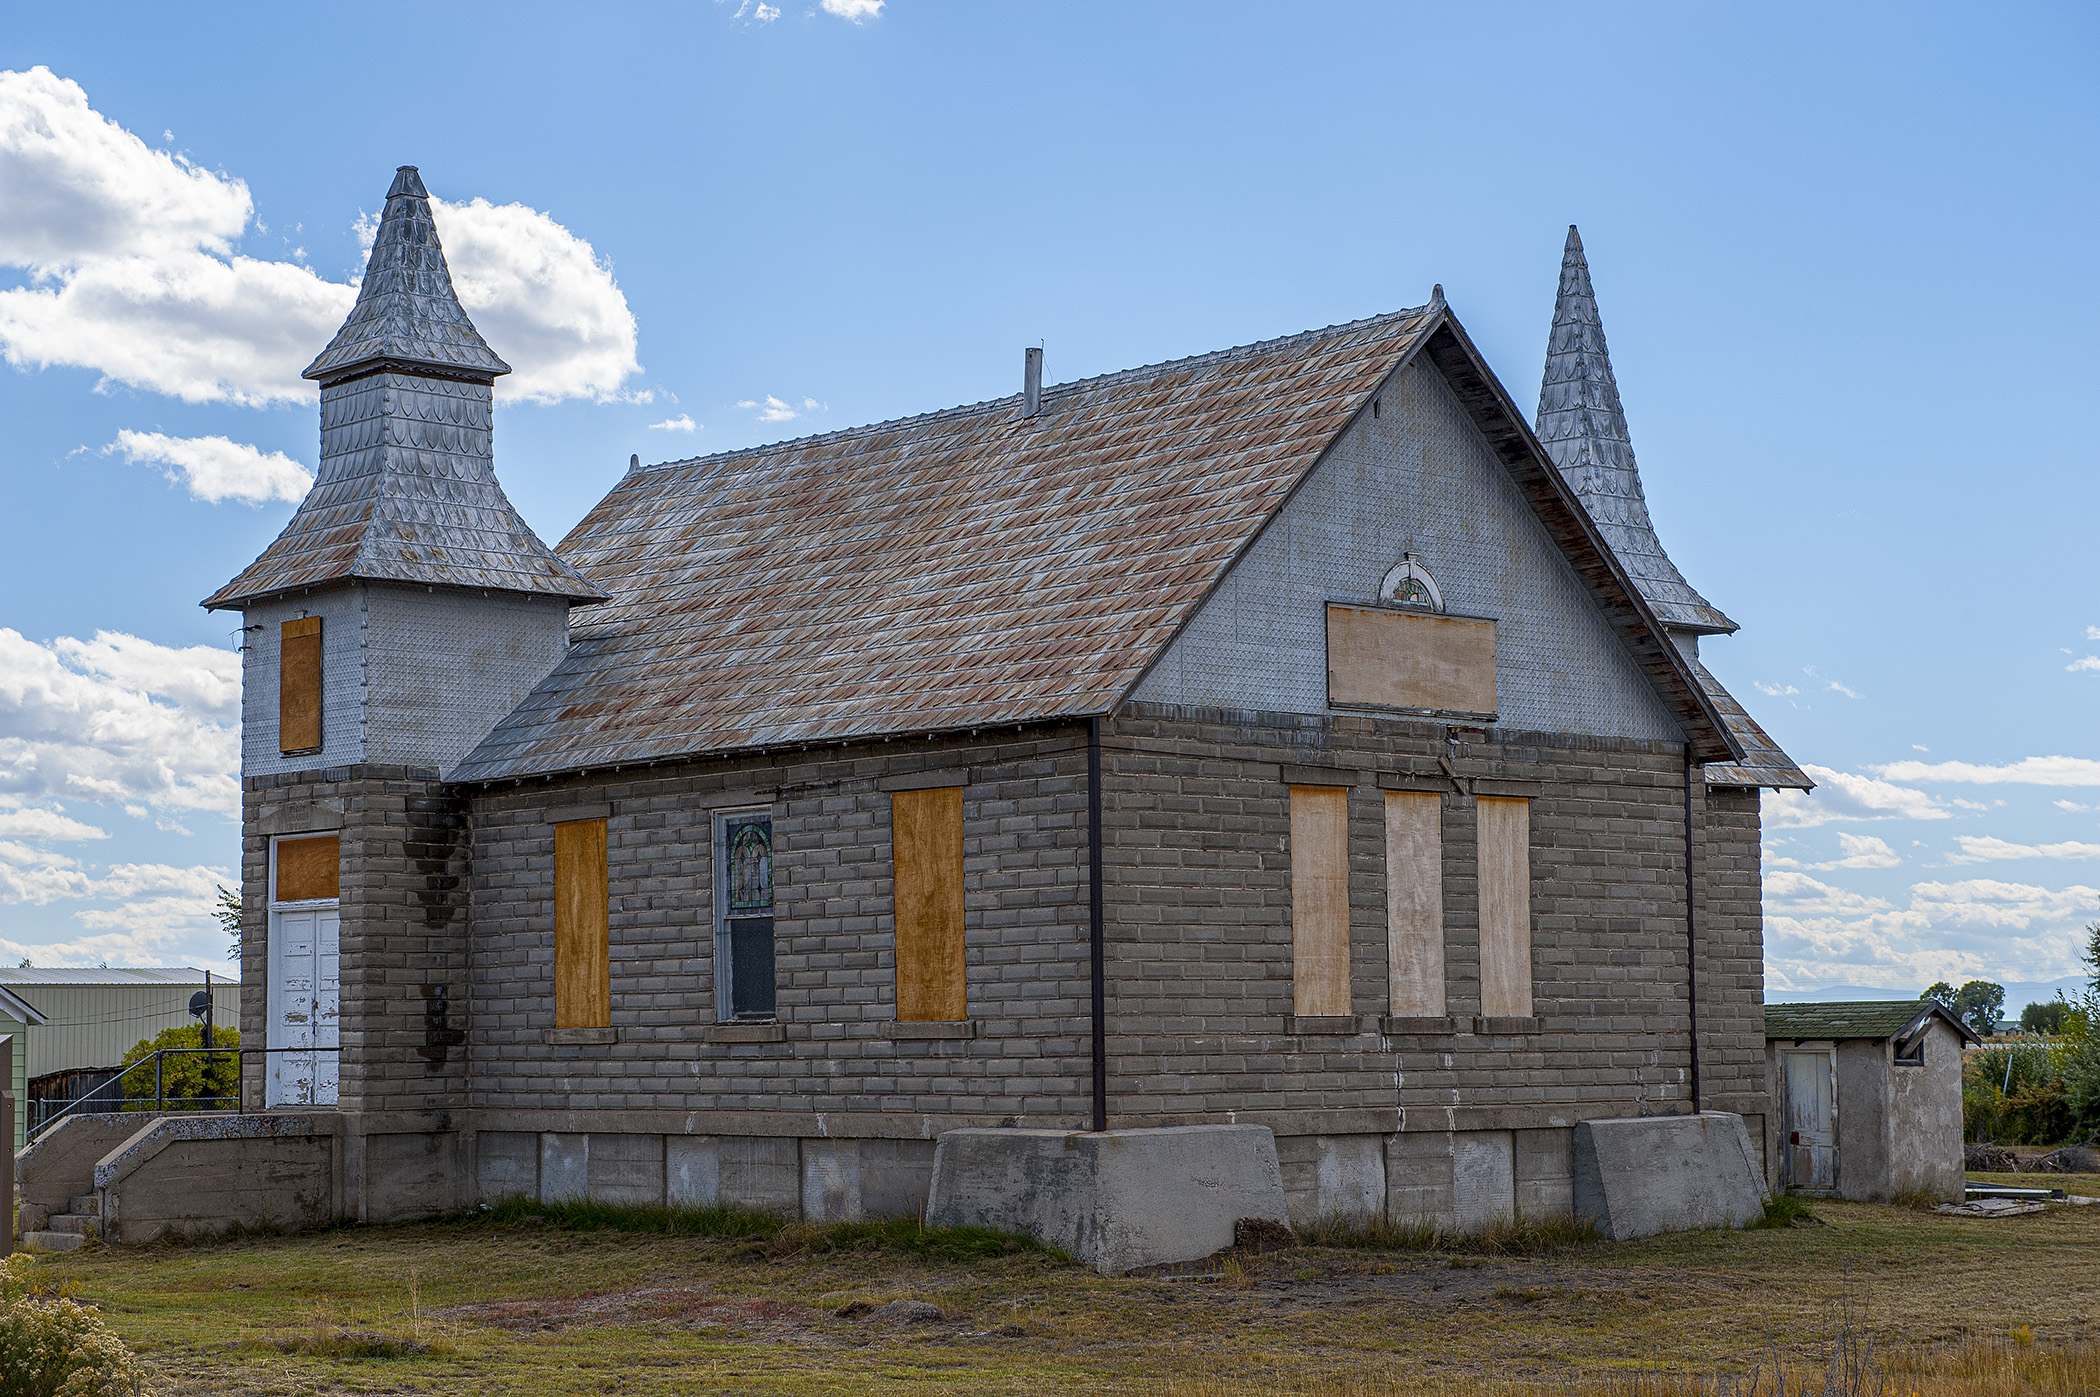 Church-on-the-Prairie